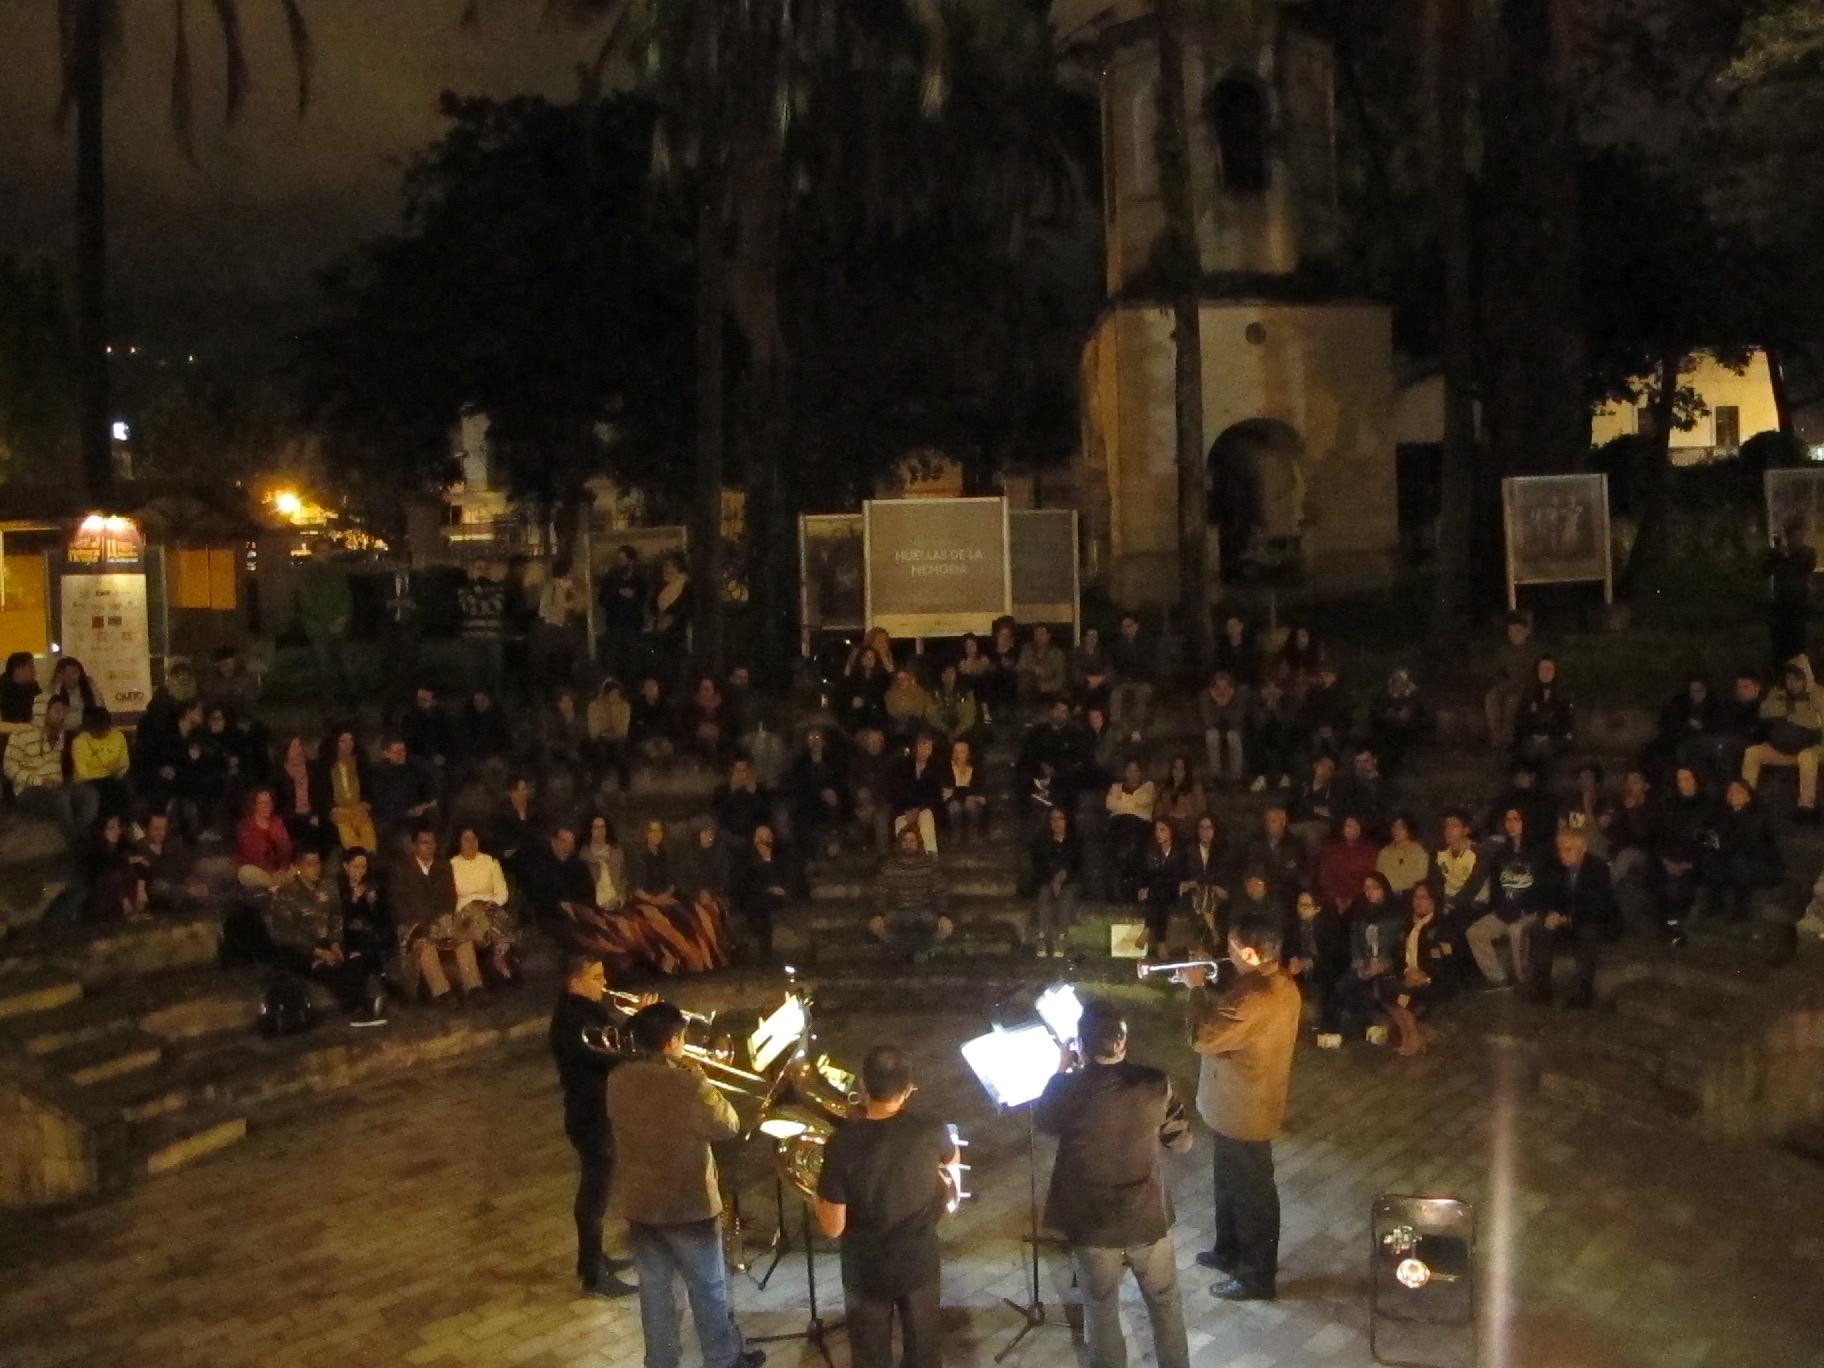 Concierto en el patio de La Circasiana. Norte de Quito. Junio 2018